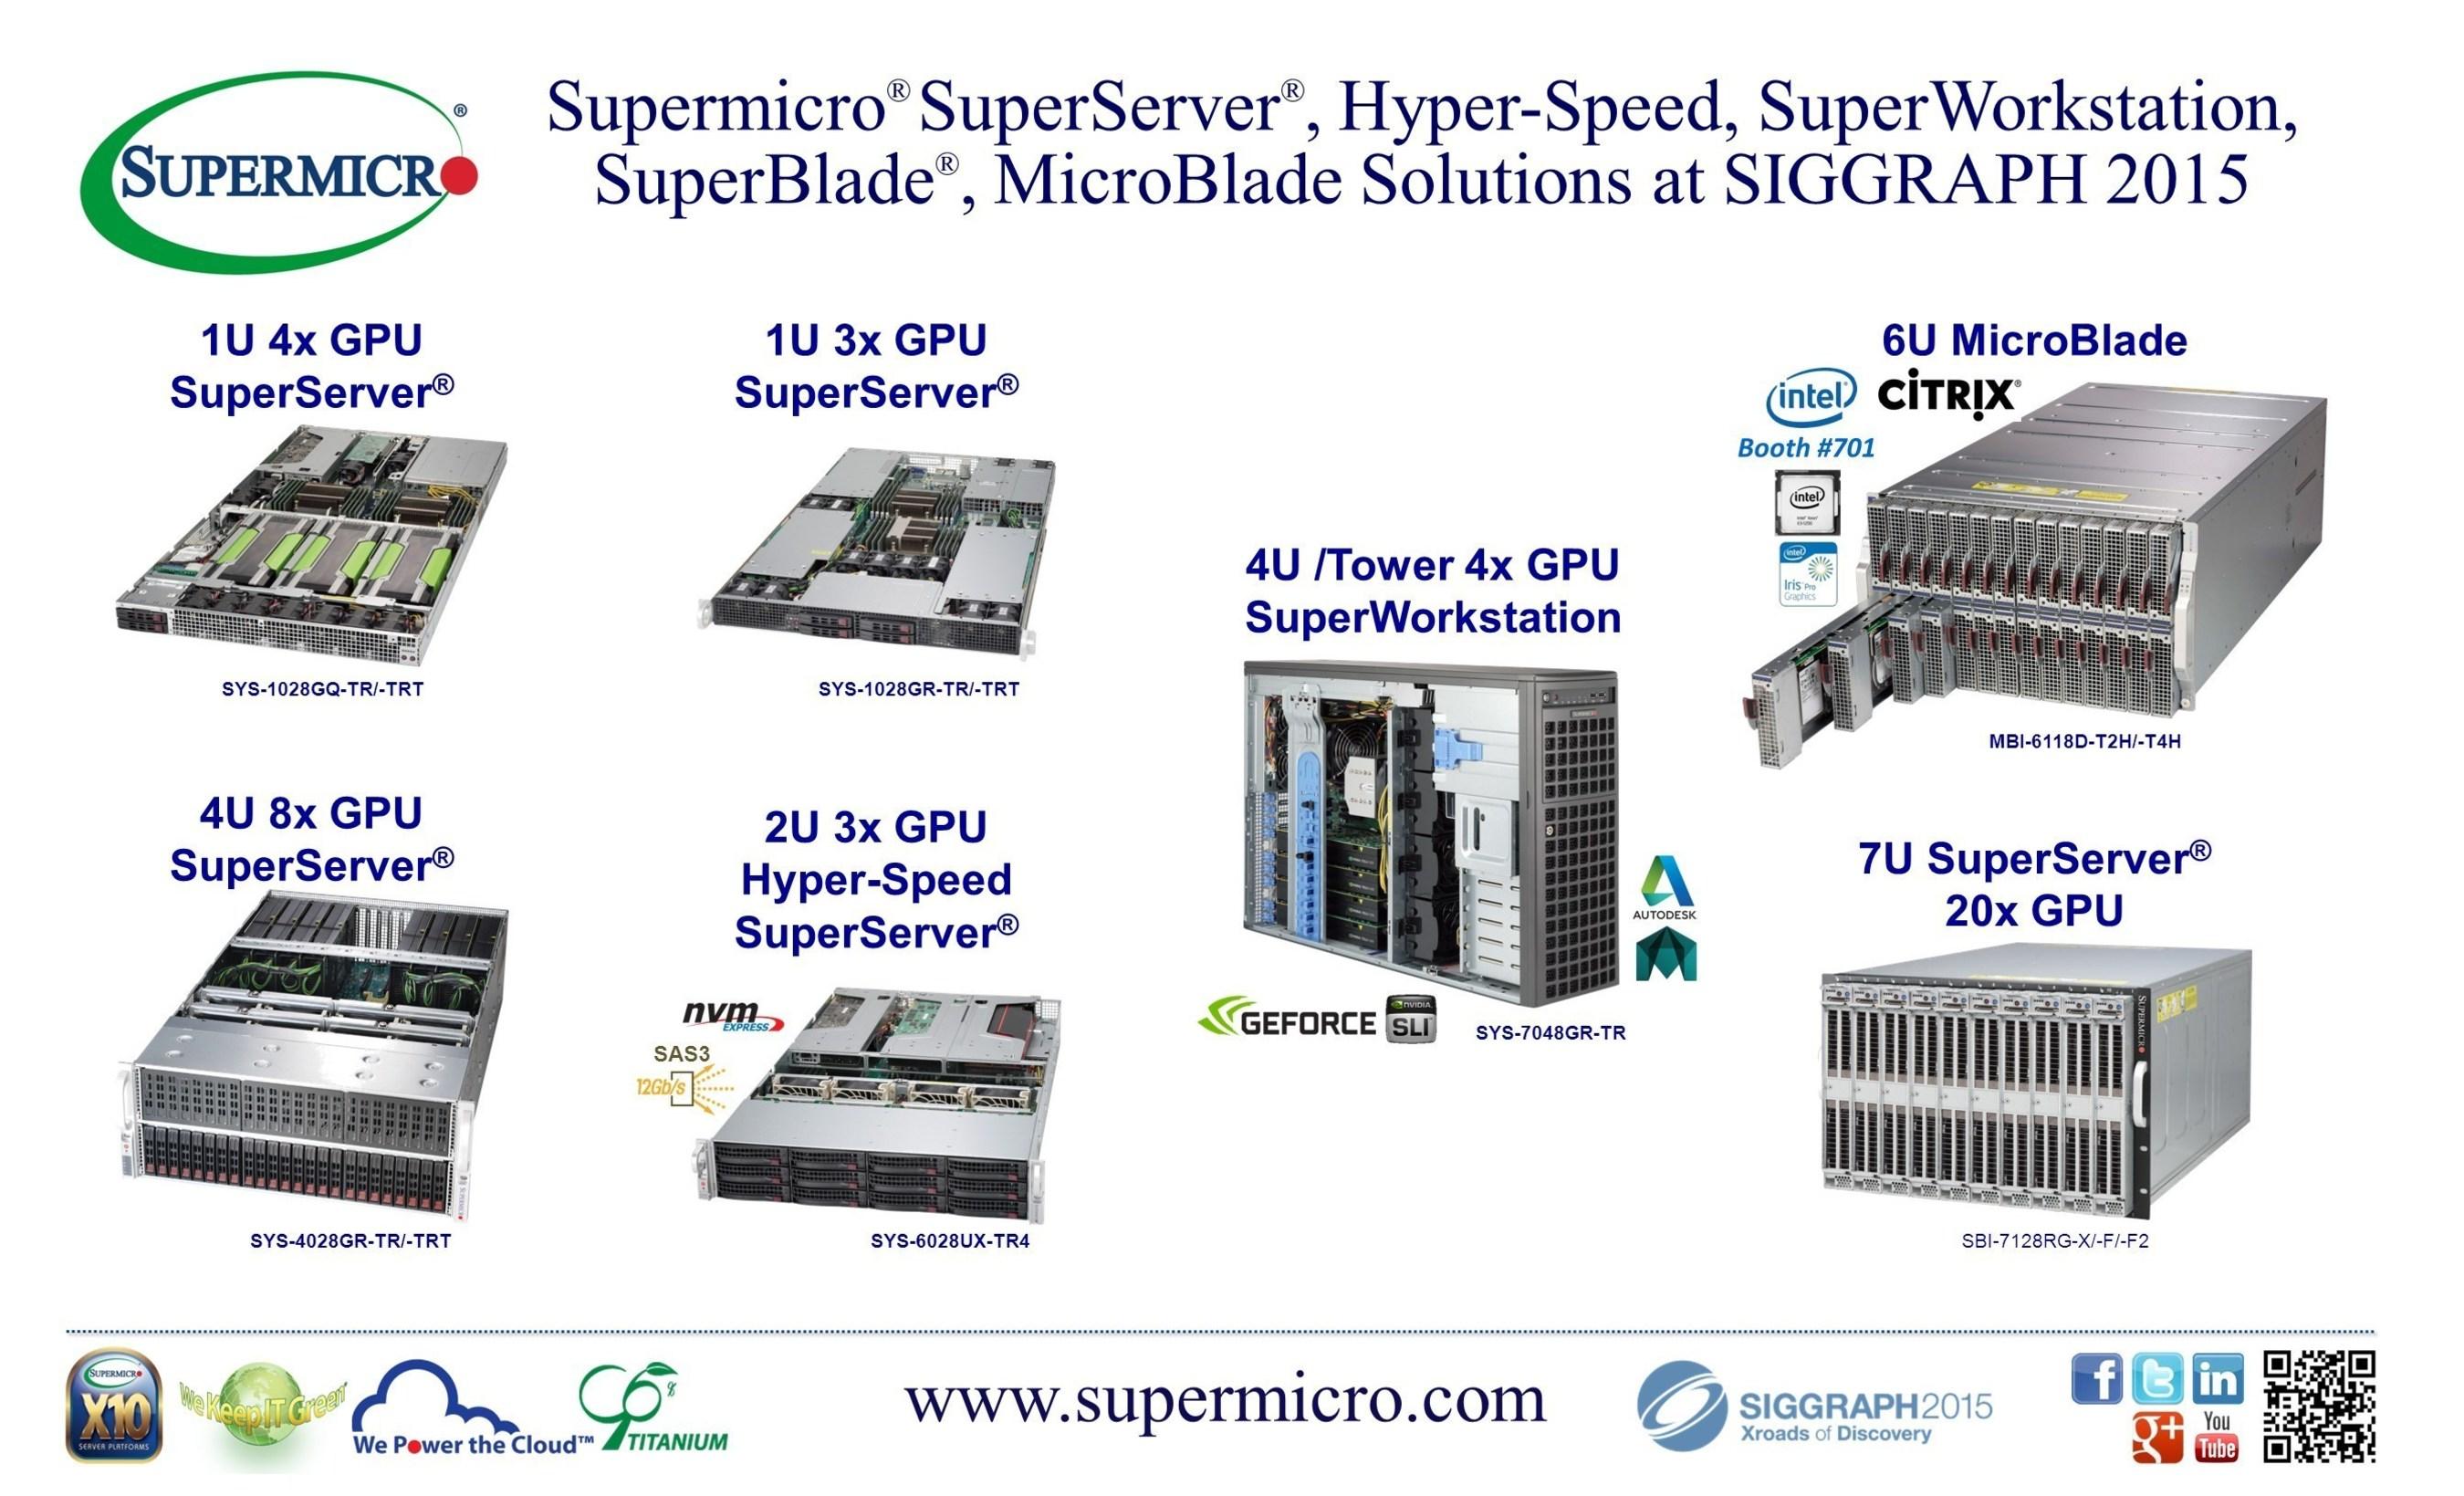 Supermicro® presenta SuperServer® 1U 4 GPU e MicroBlade 3U/6U per grafica 3D, video, e applicazioni